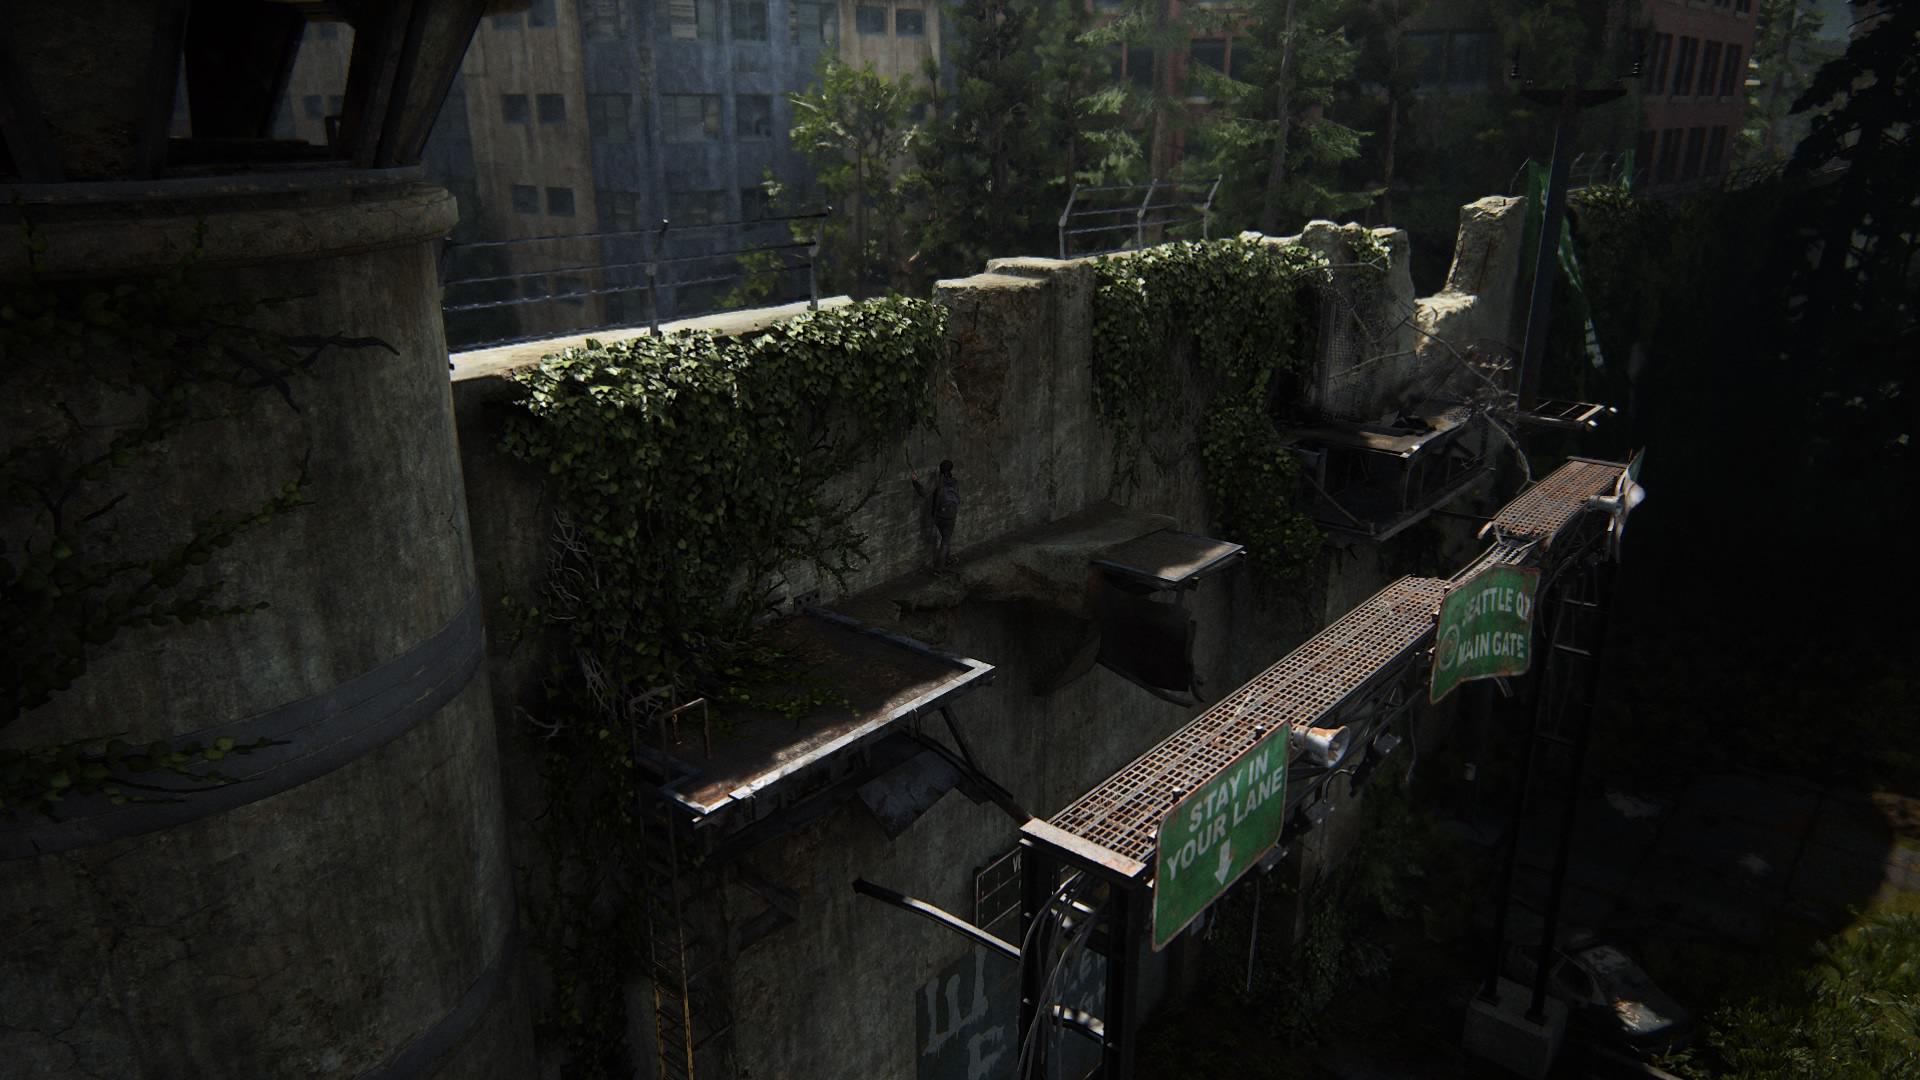 Um über Die Mauer Zu Klettern, Muss Ellie über Das Schildergerüst Jonglieren.